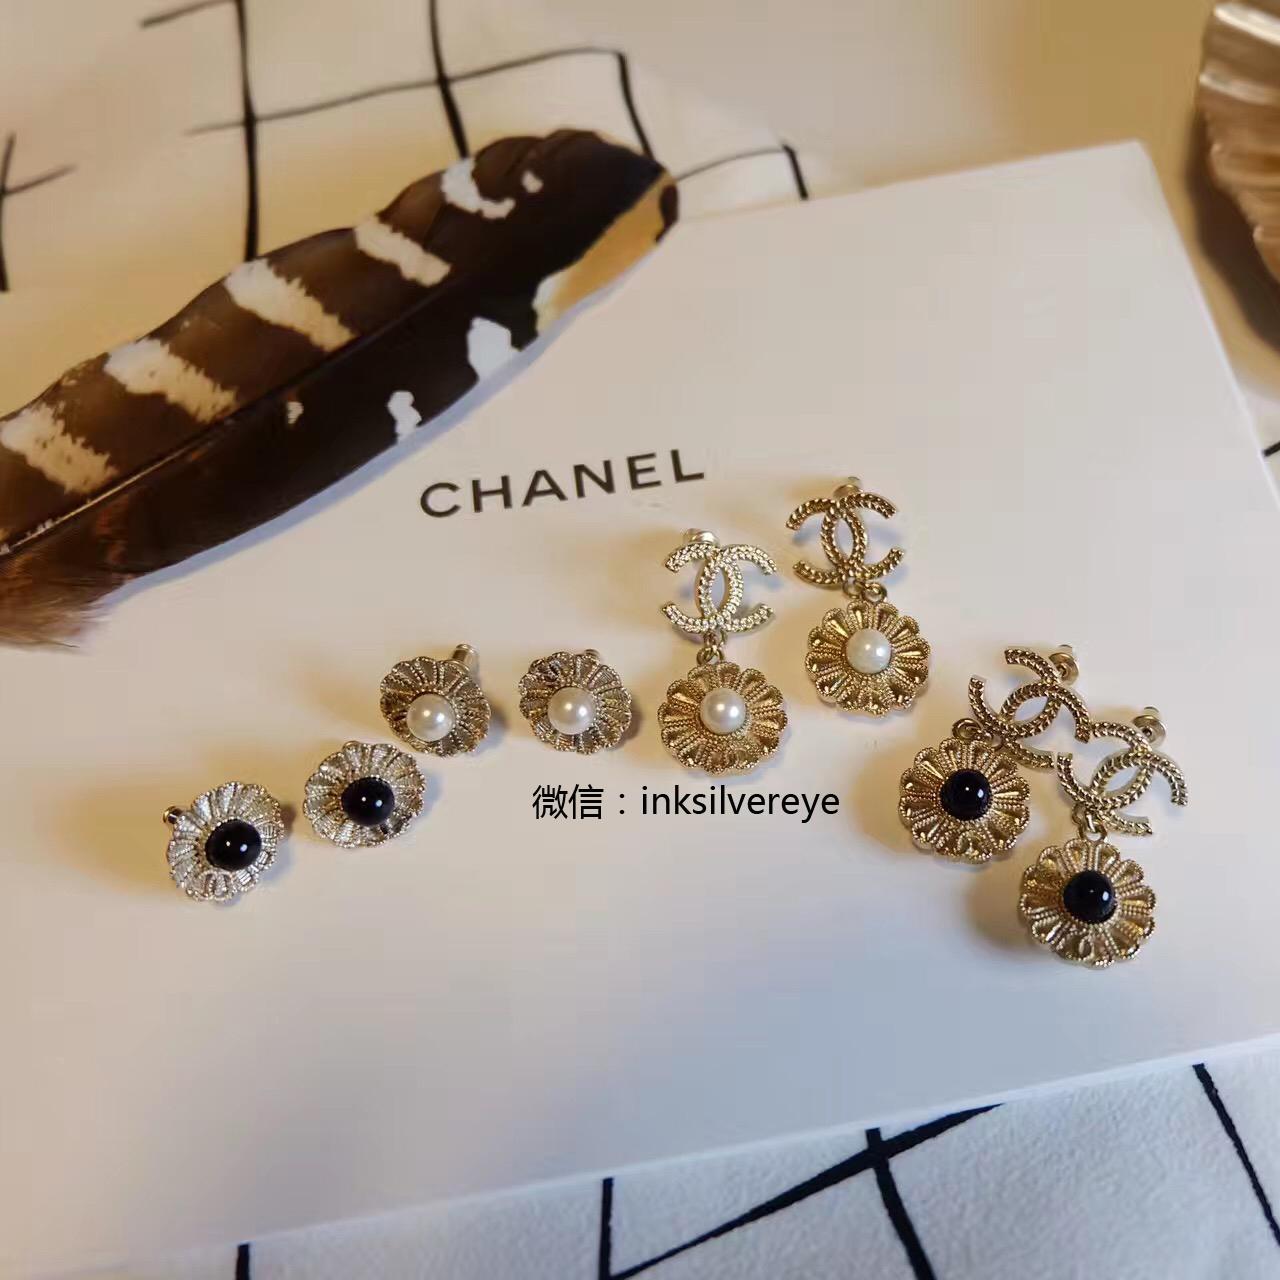 这是第4张大牌饰品工厂货源代购级别品质的货源图片